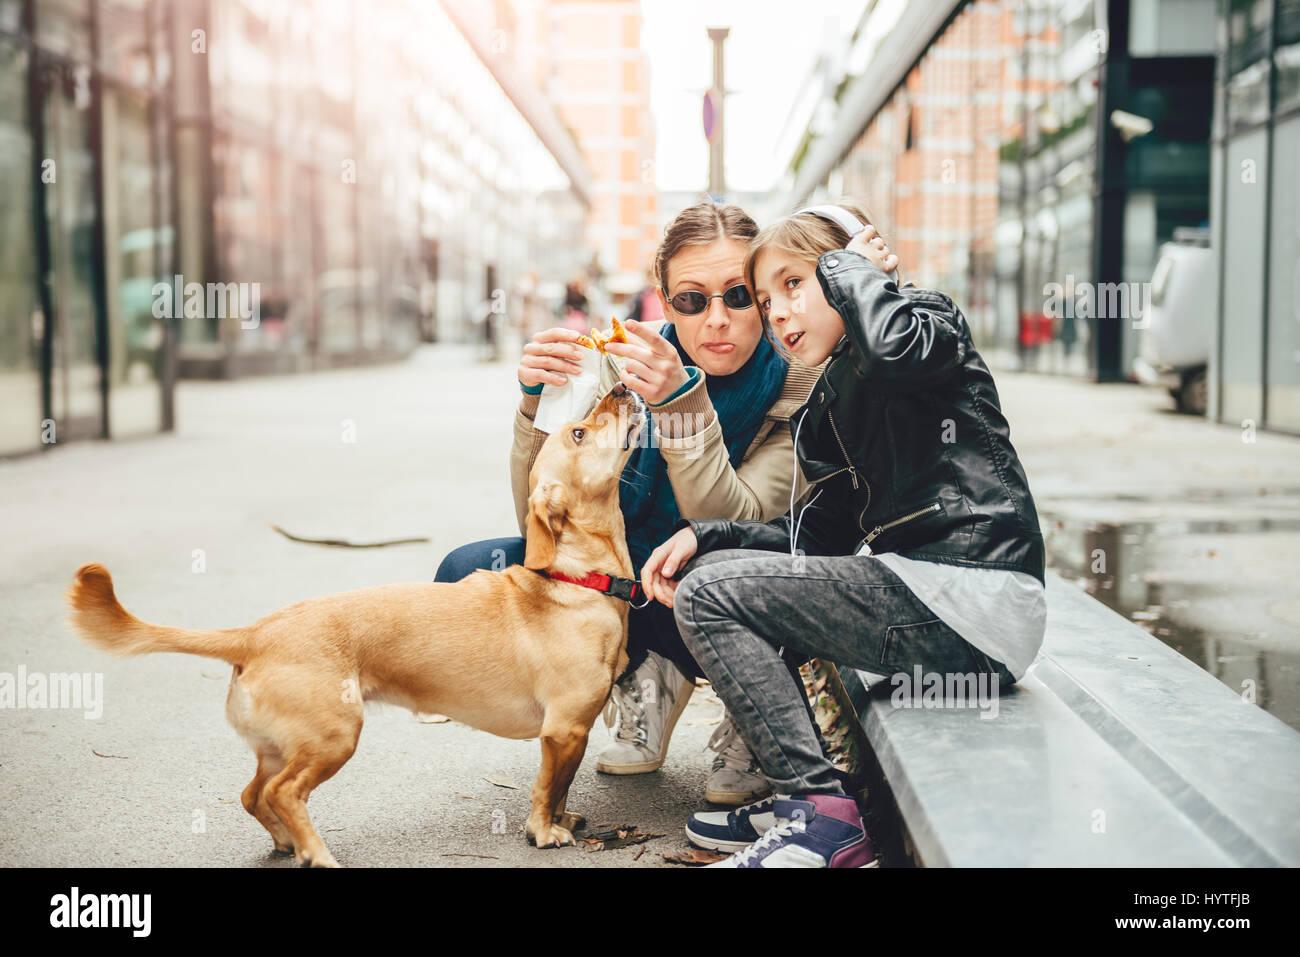 Madre comer sándwich y acariciar a un perro mientras hija escuchando música en la calle Imagen De Stock